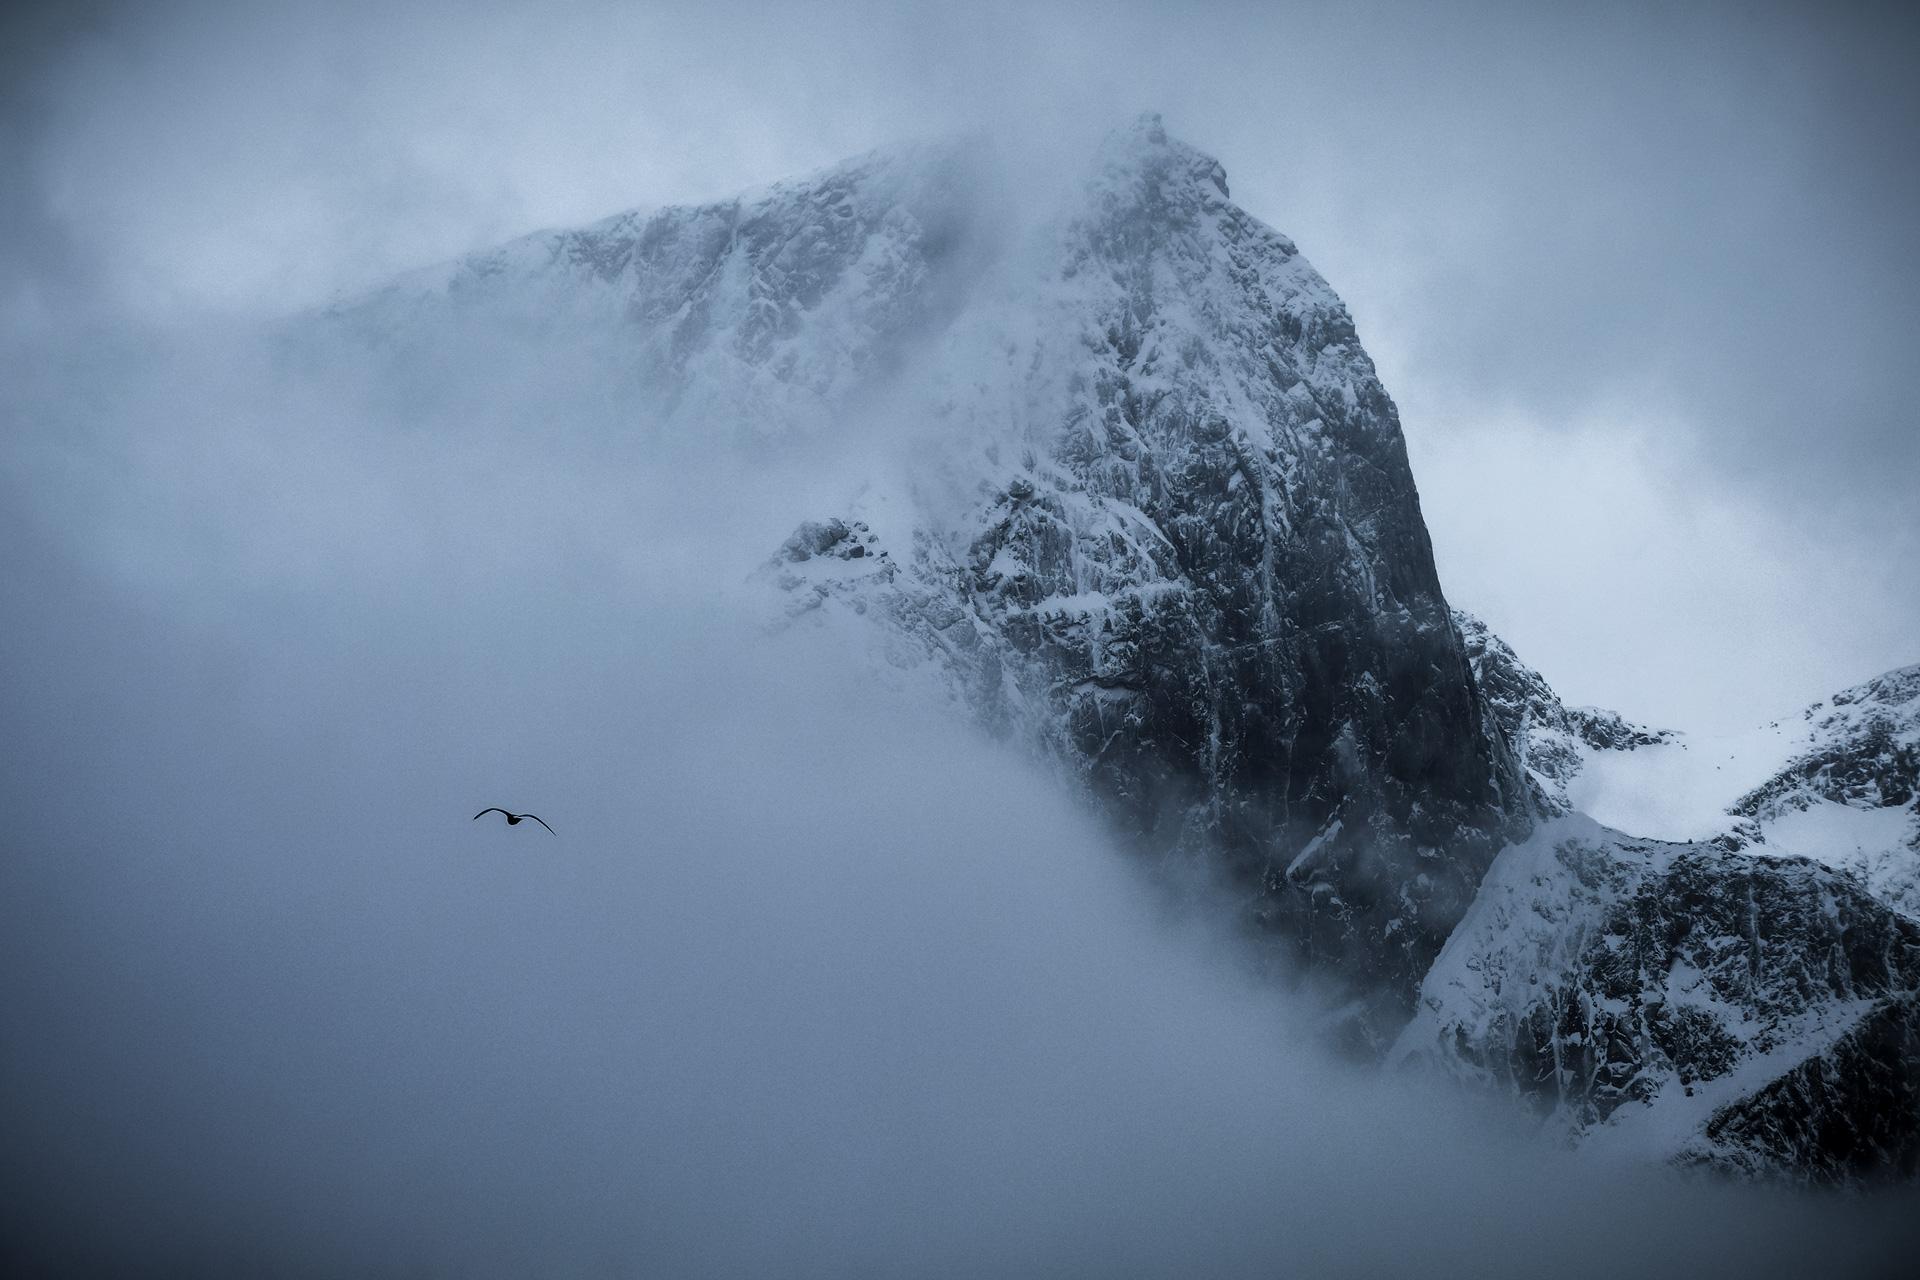 Lofoten-Cloudy-Peaks-02-2019-1.jpg